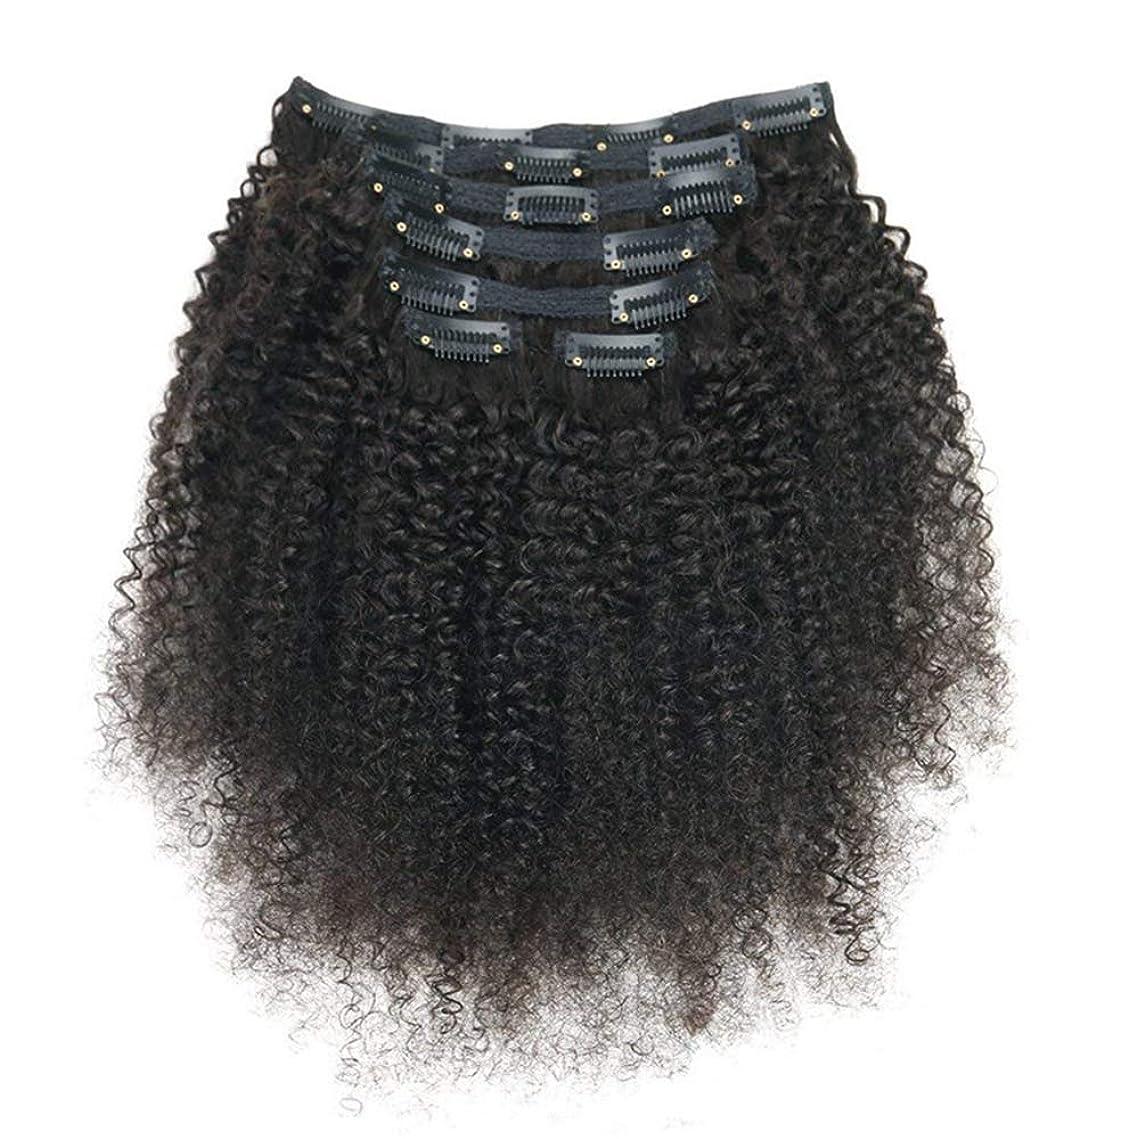 やけど日食過敏なレミーヘアエクステンションの女性ブラジルリアルクリップ人毛フルヘッド7ピースロングカール